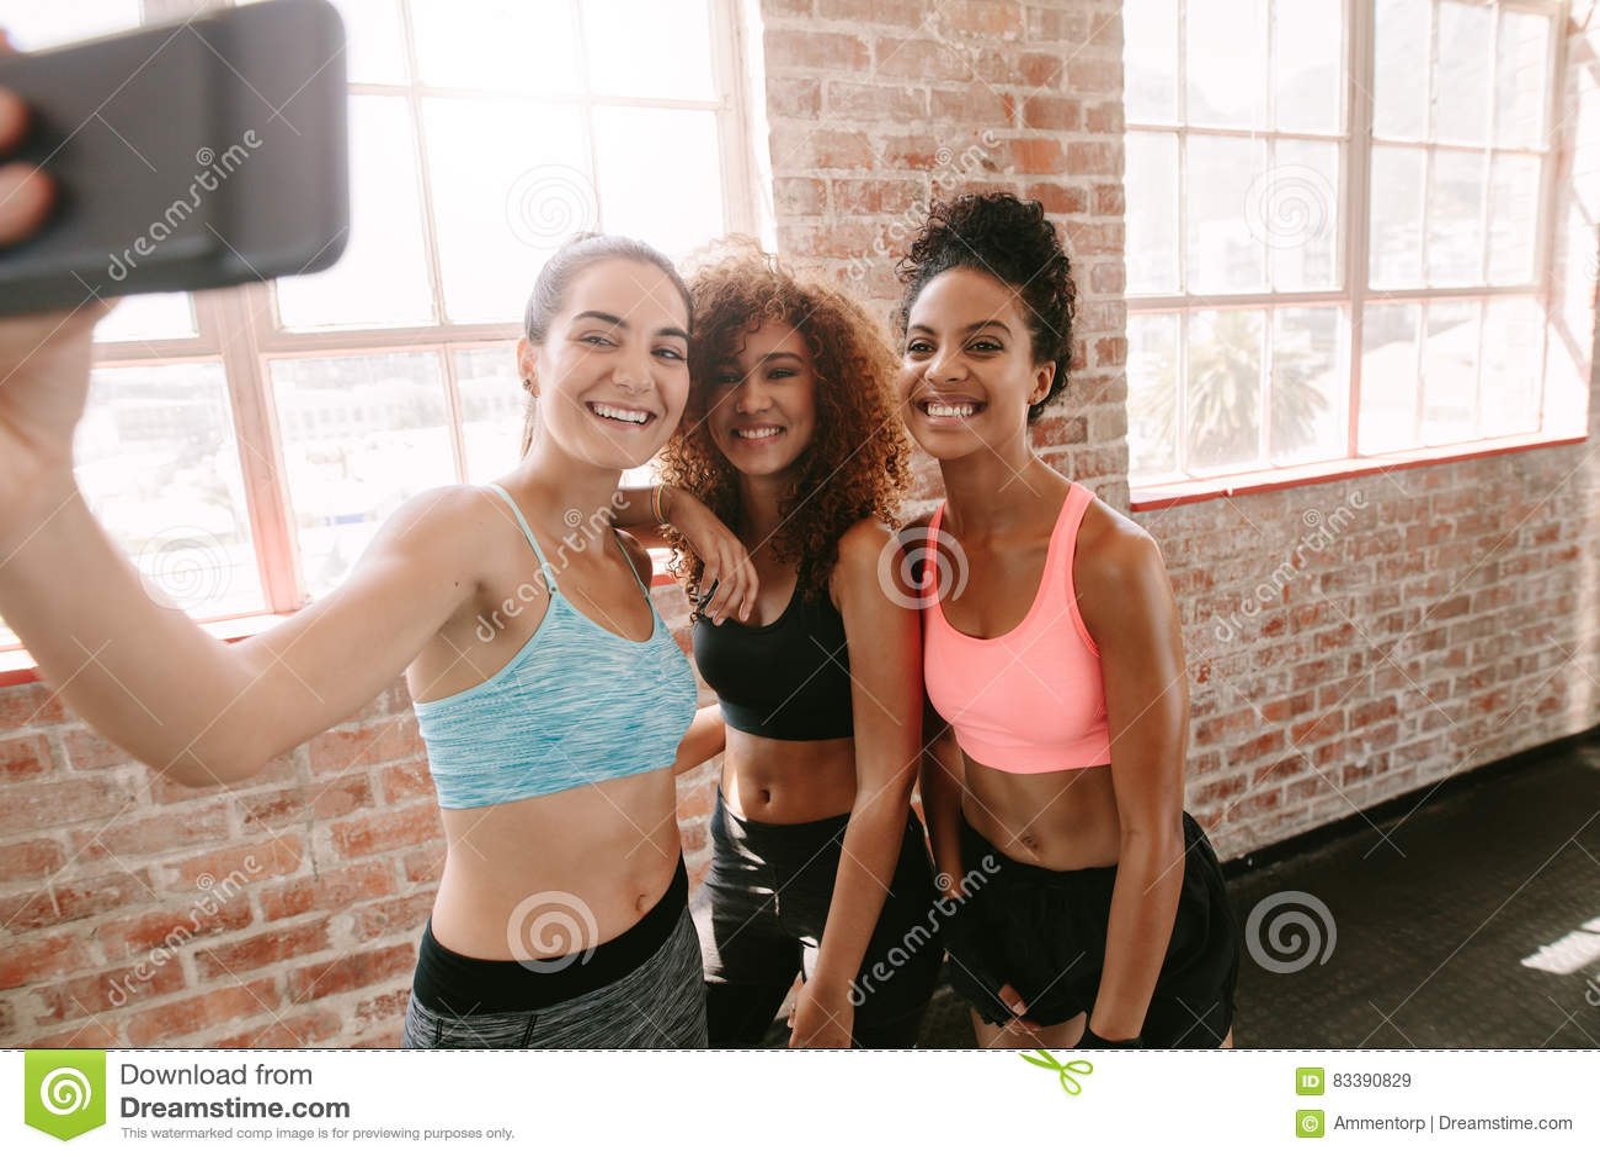 Grupo de mujeres jovenes felices que toman el selfie en gimnasio